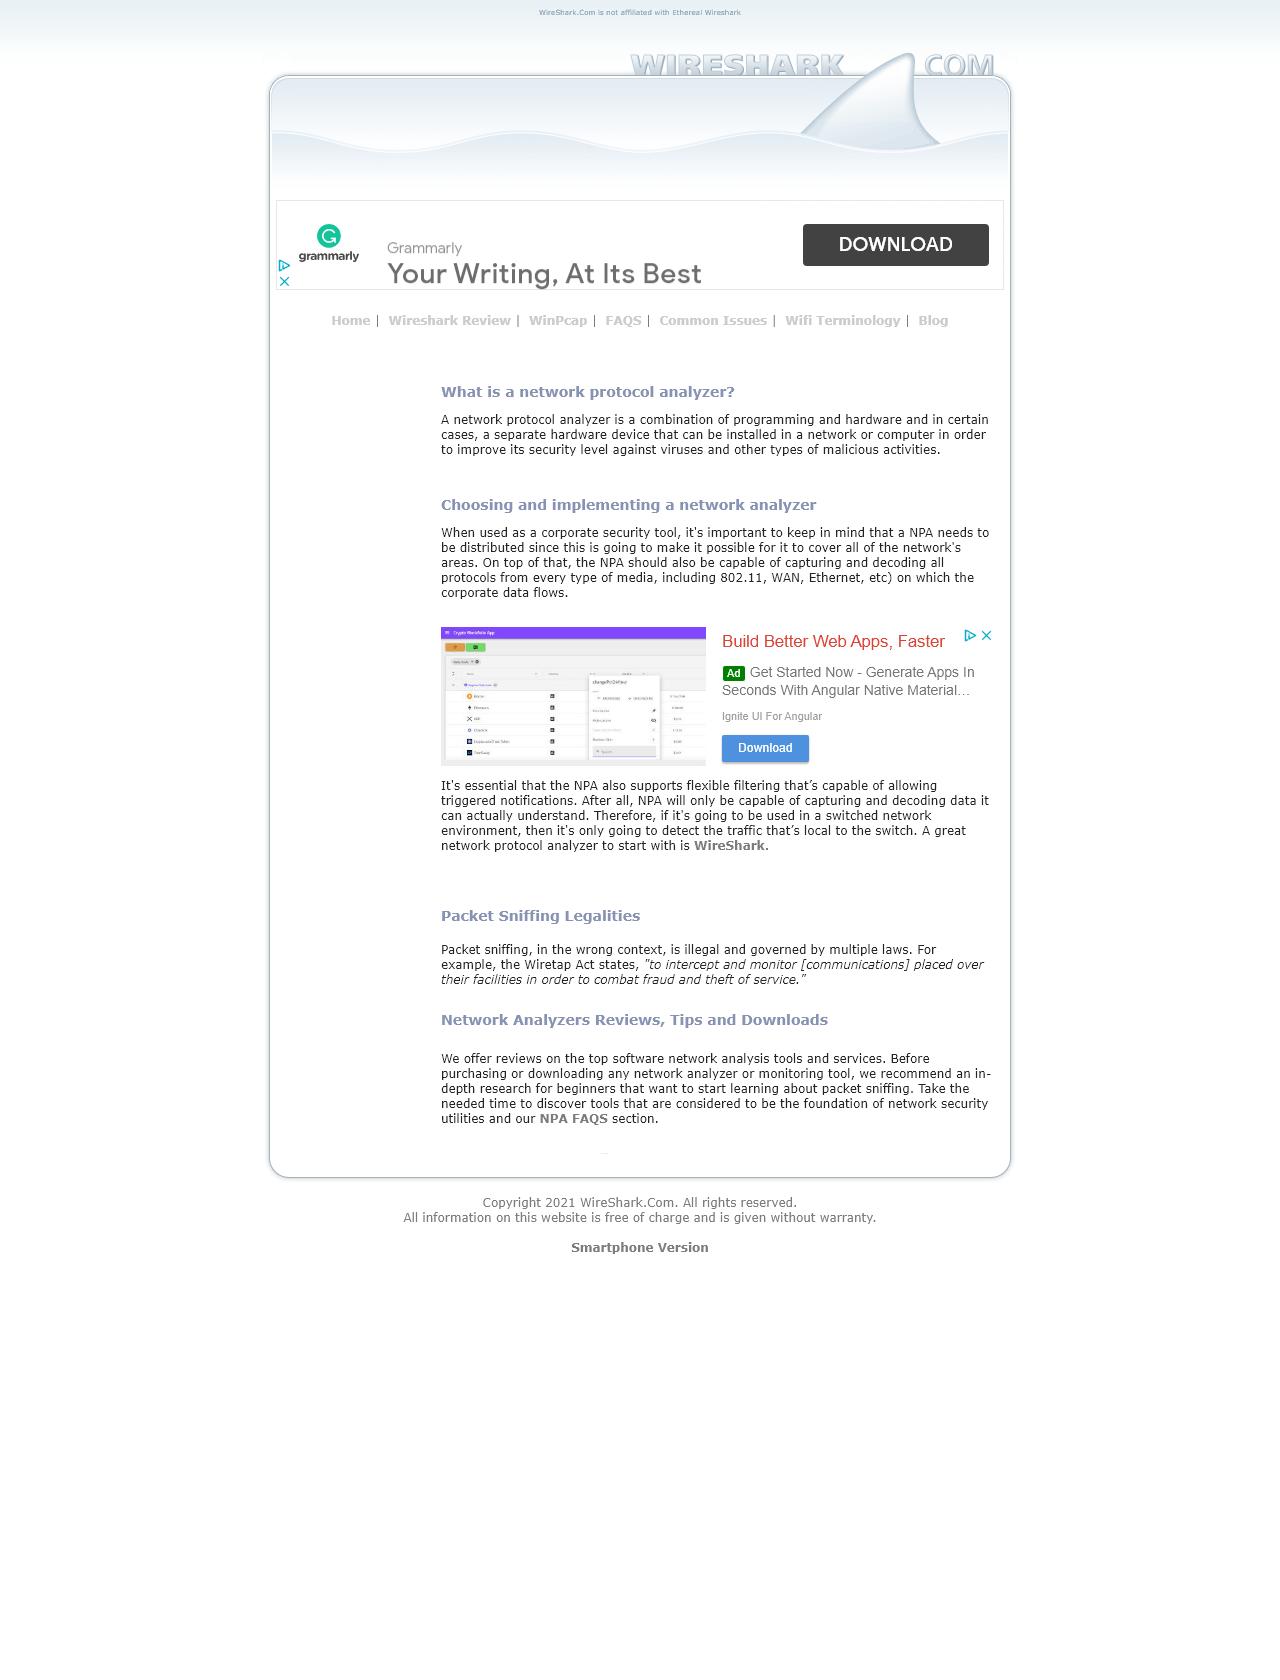 Screenshot Desktop - https://wireshark.com/